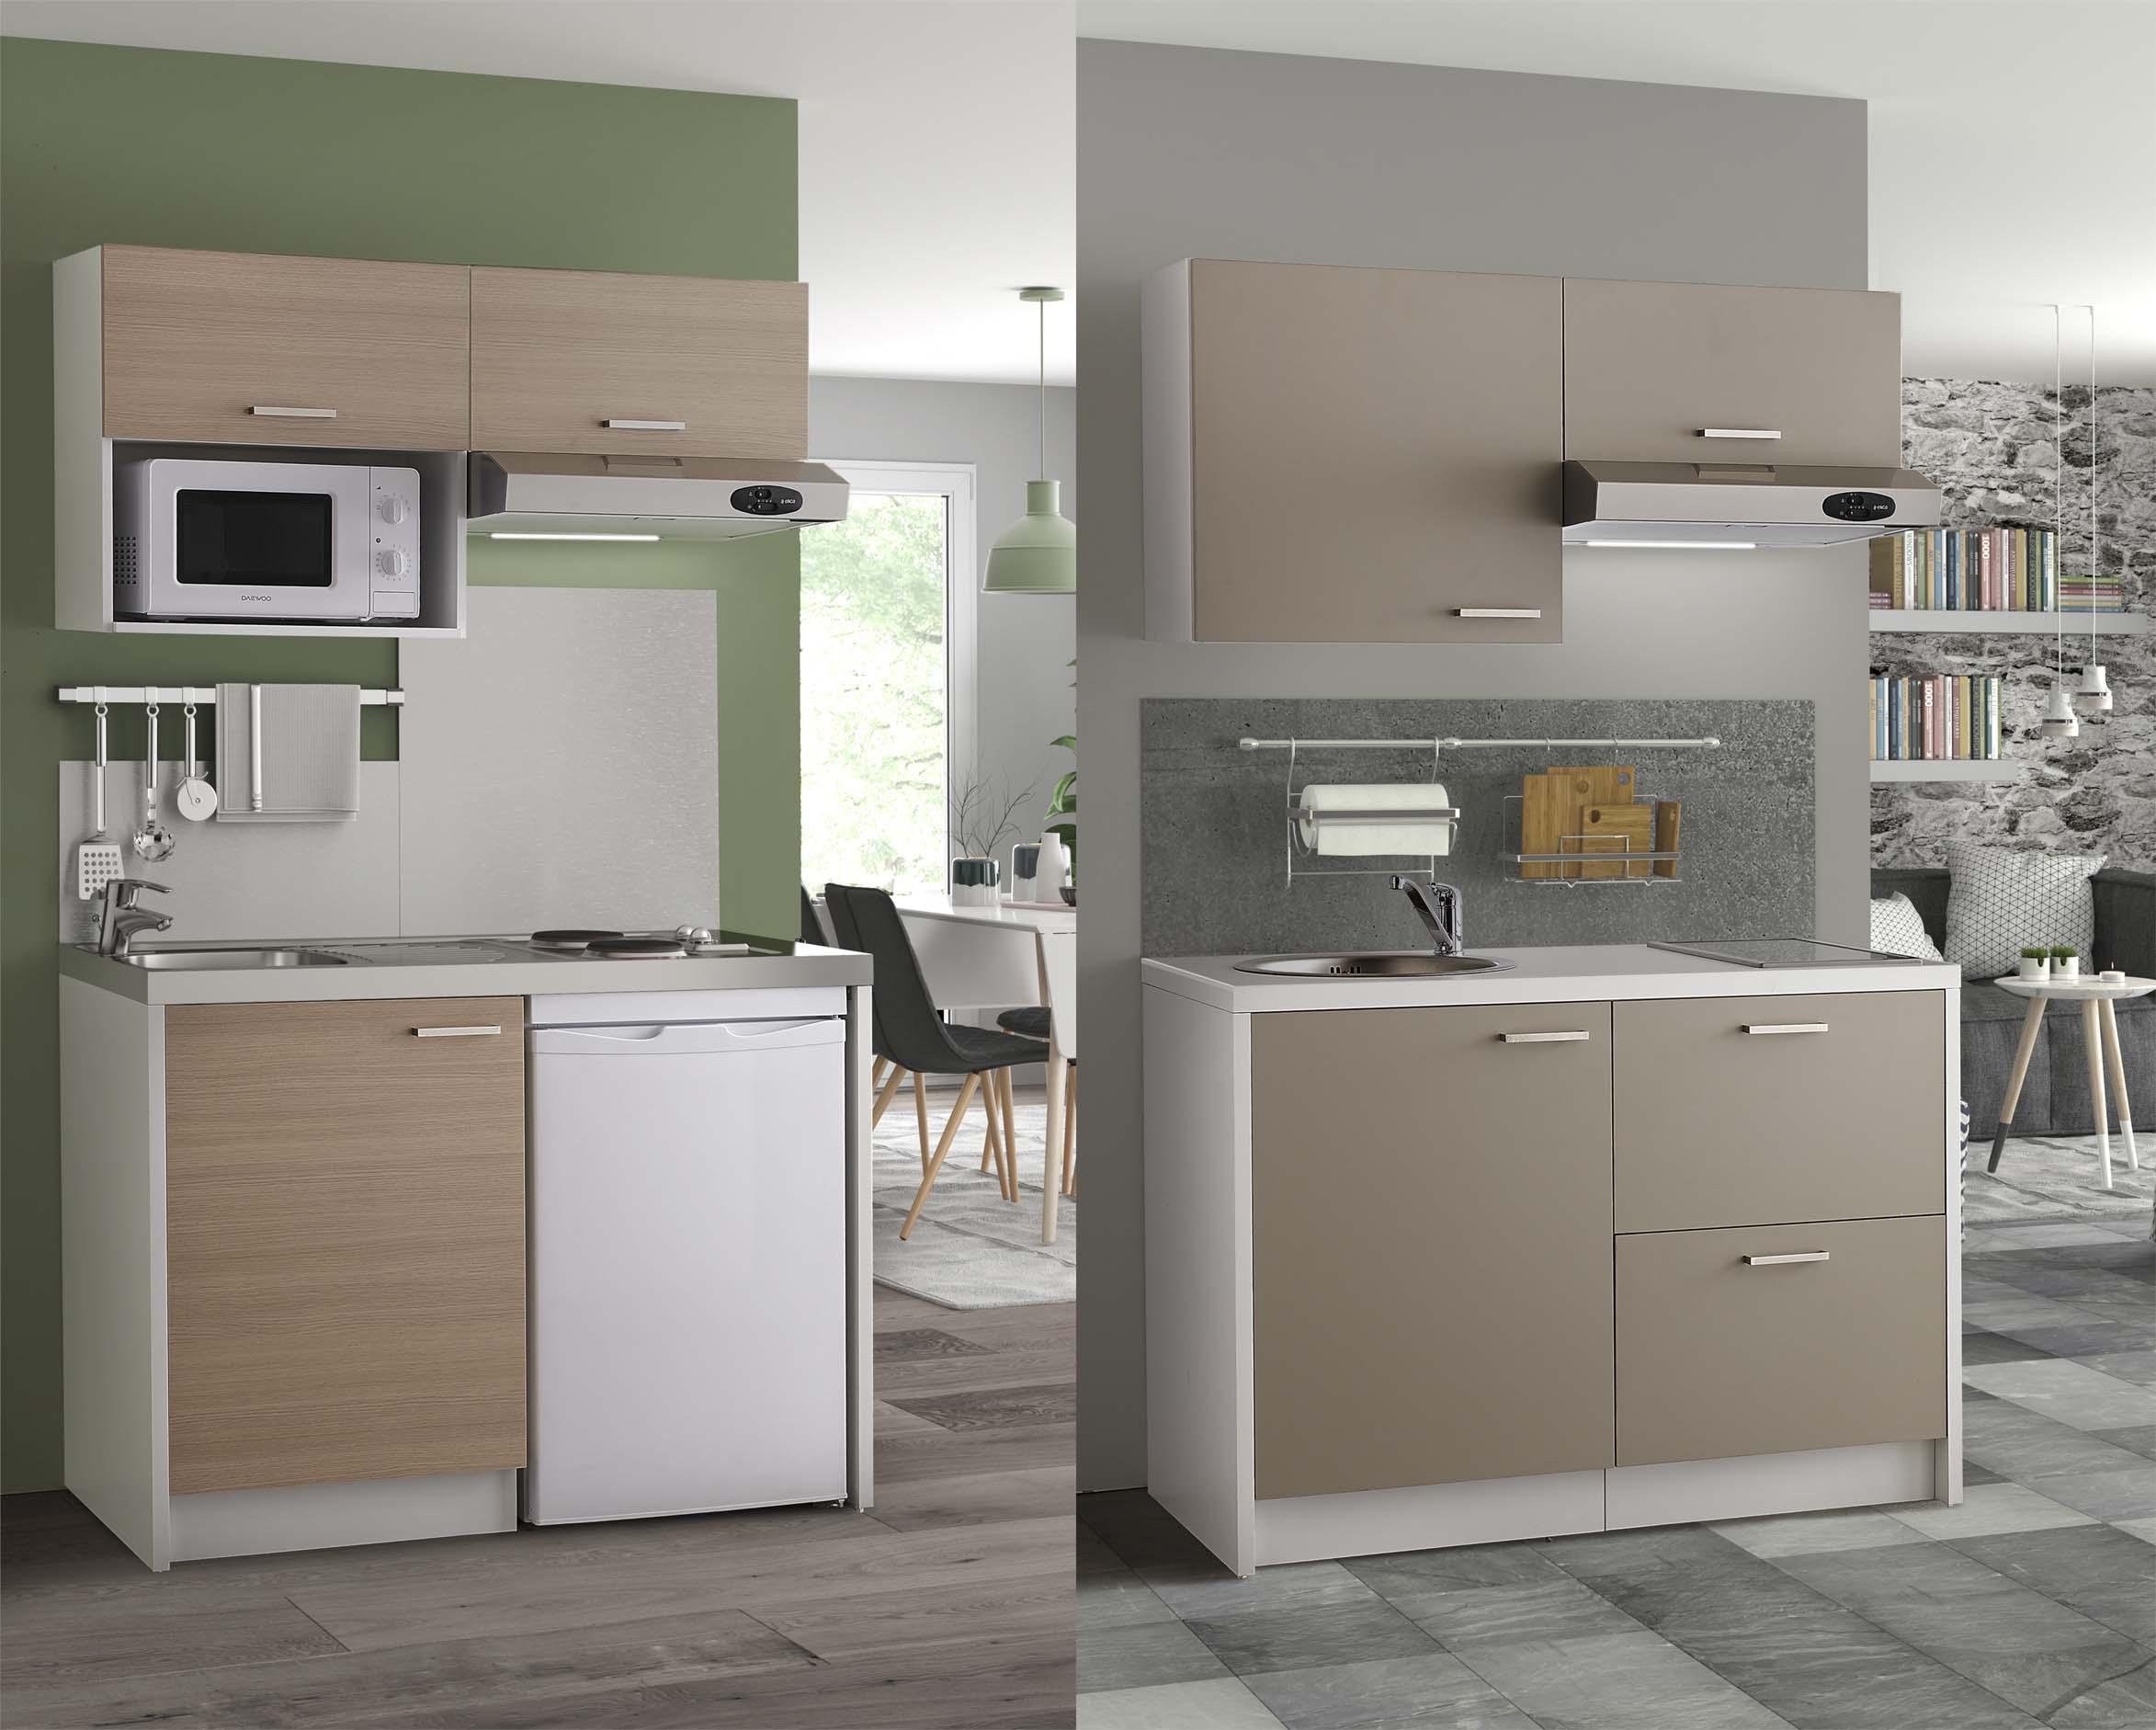 Carti Kitchen